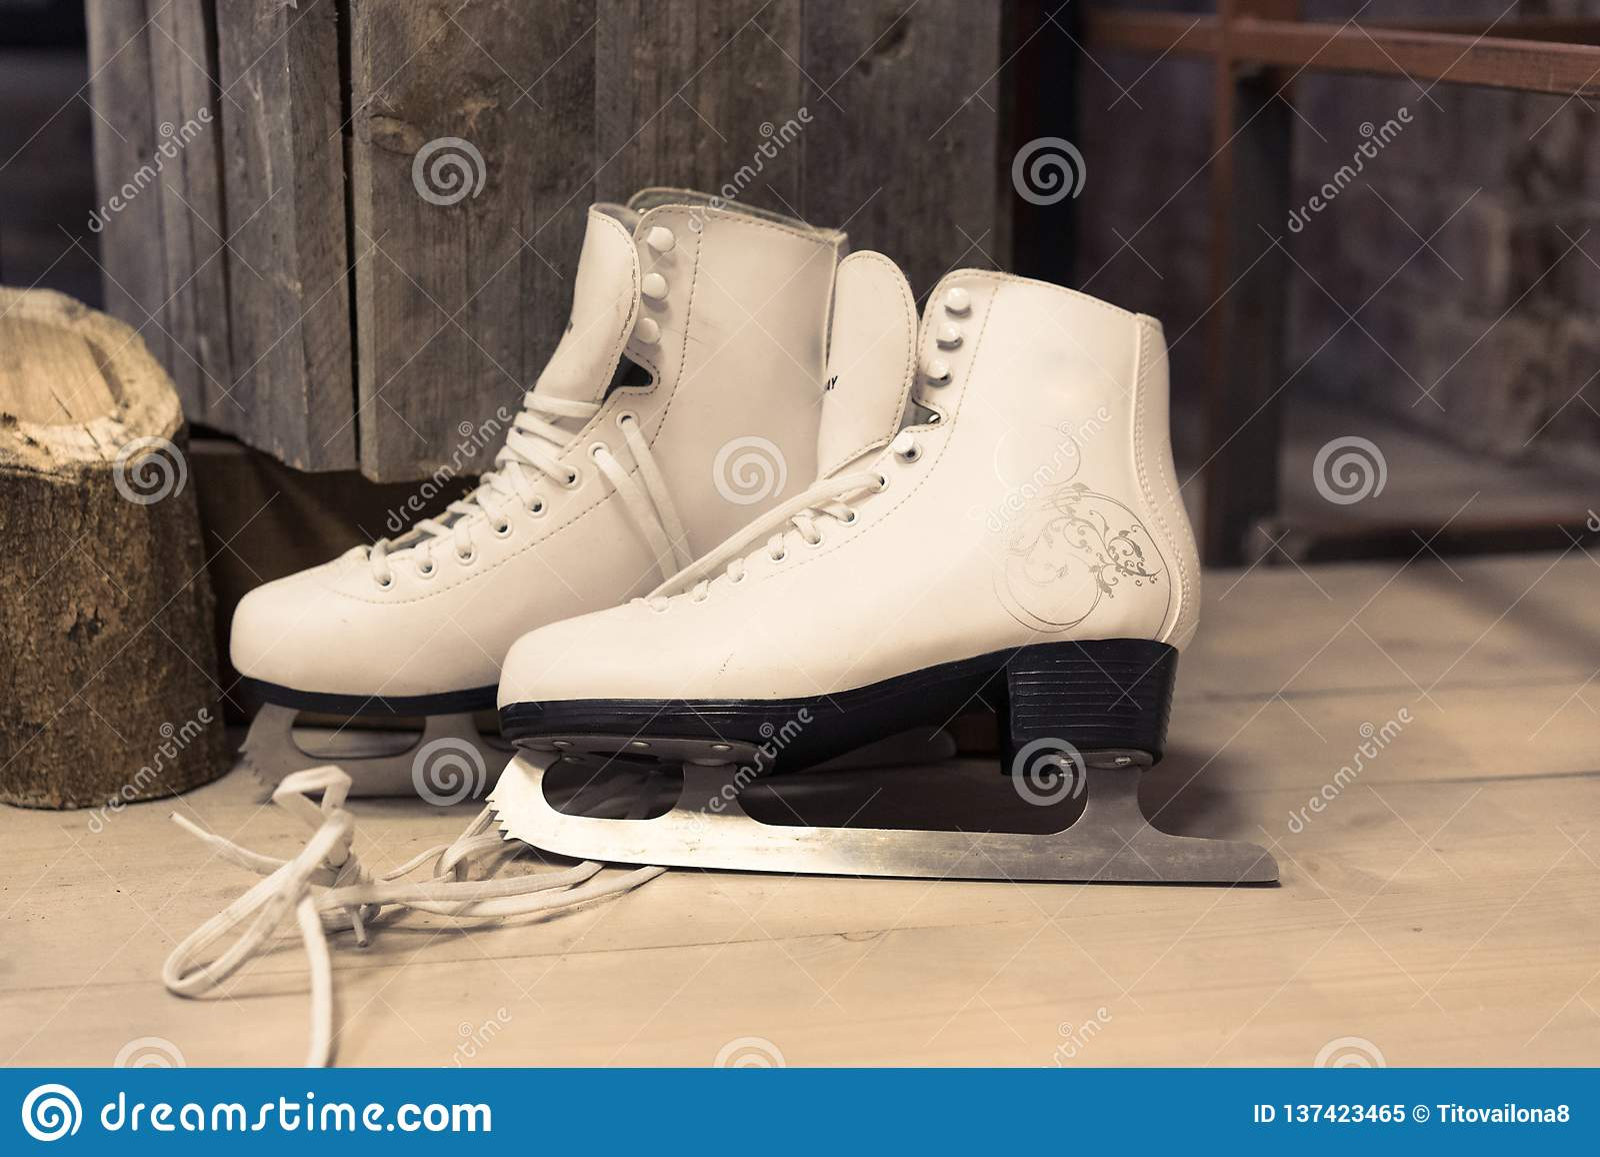 妇女的白色冰鞋在地板上 女性 滑冰 滑雪雪体育运动跟踪冬天